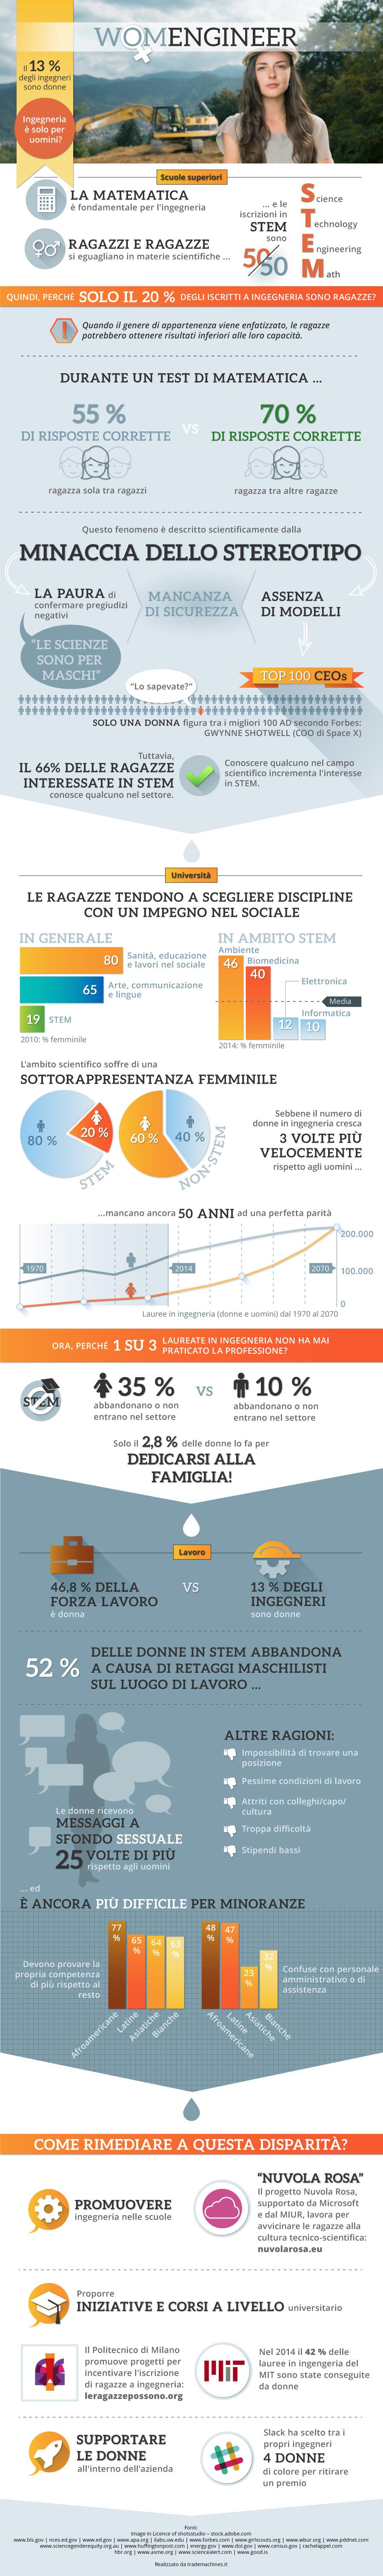 infografica: donne e ingegneria